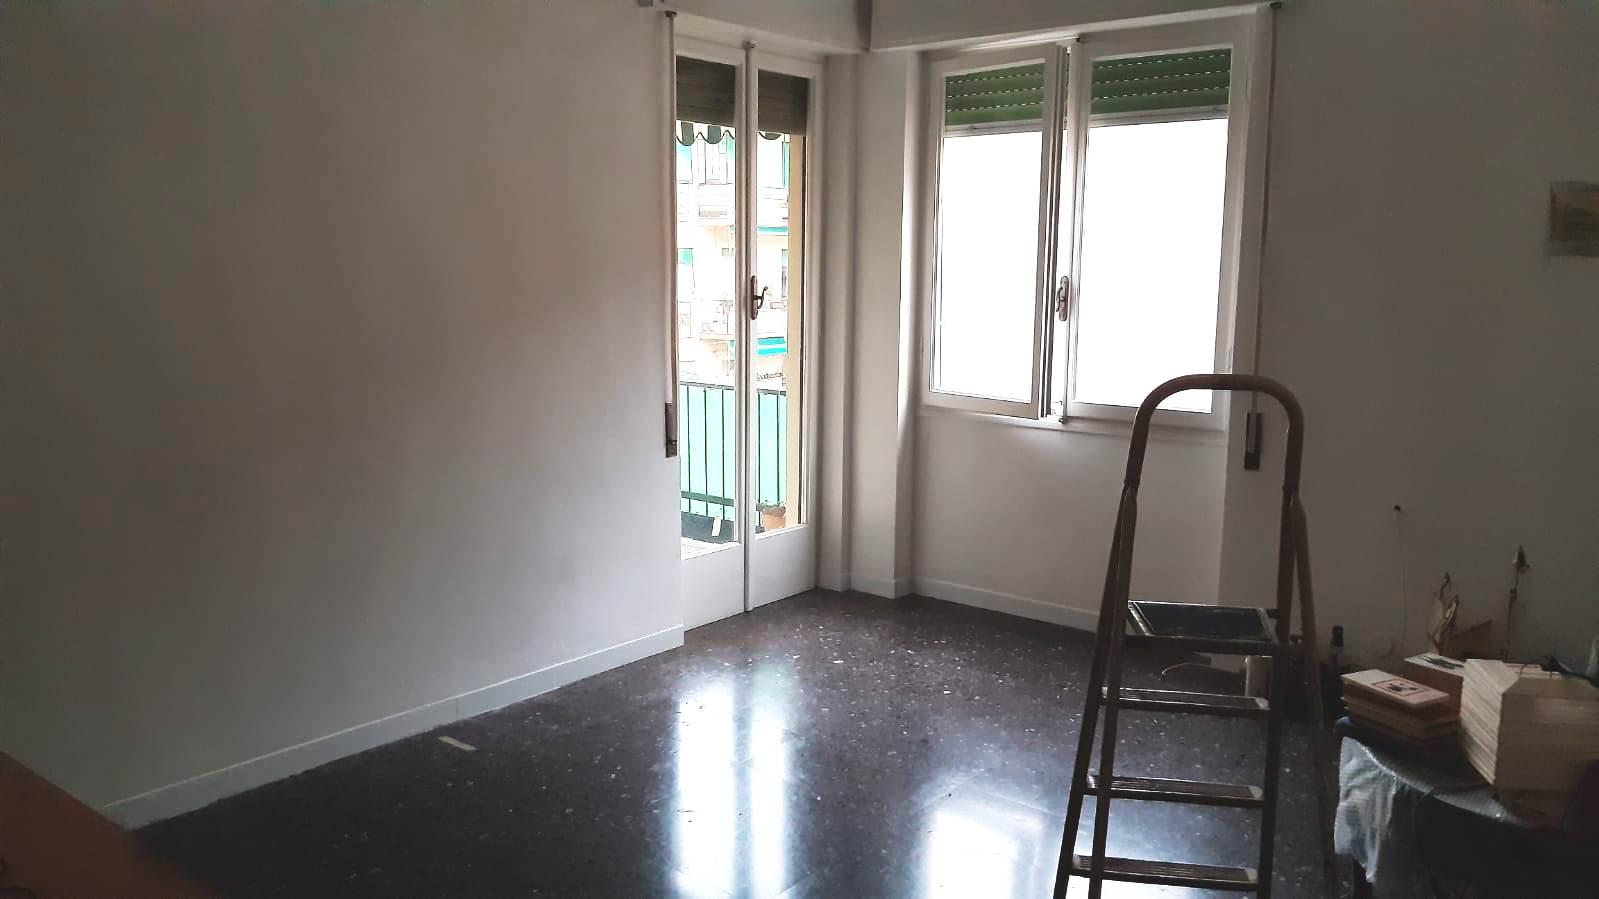 Appartamento in vendita a Imperia, 4 locali, zona Località: Via De Marchi, prezzo € 160.000   PortaleAgenzieImmobiliari.it